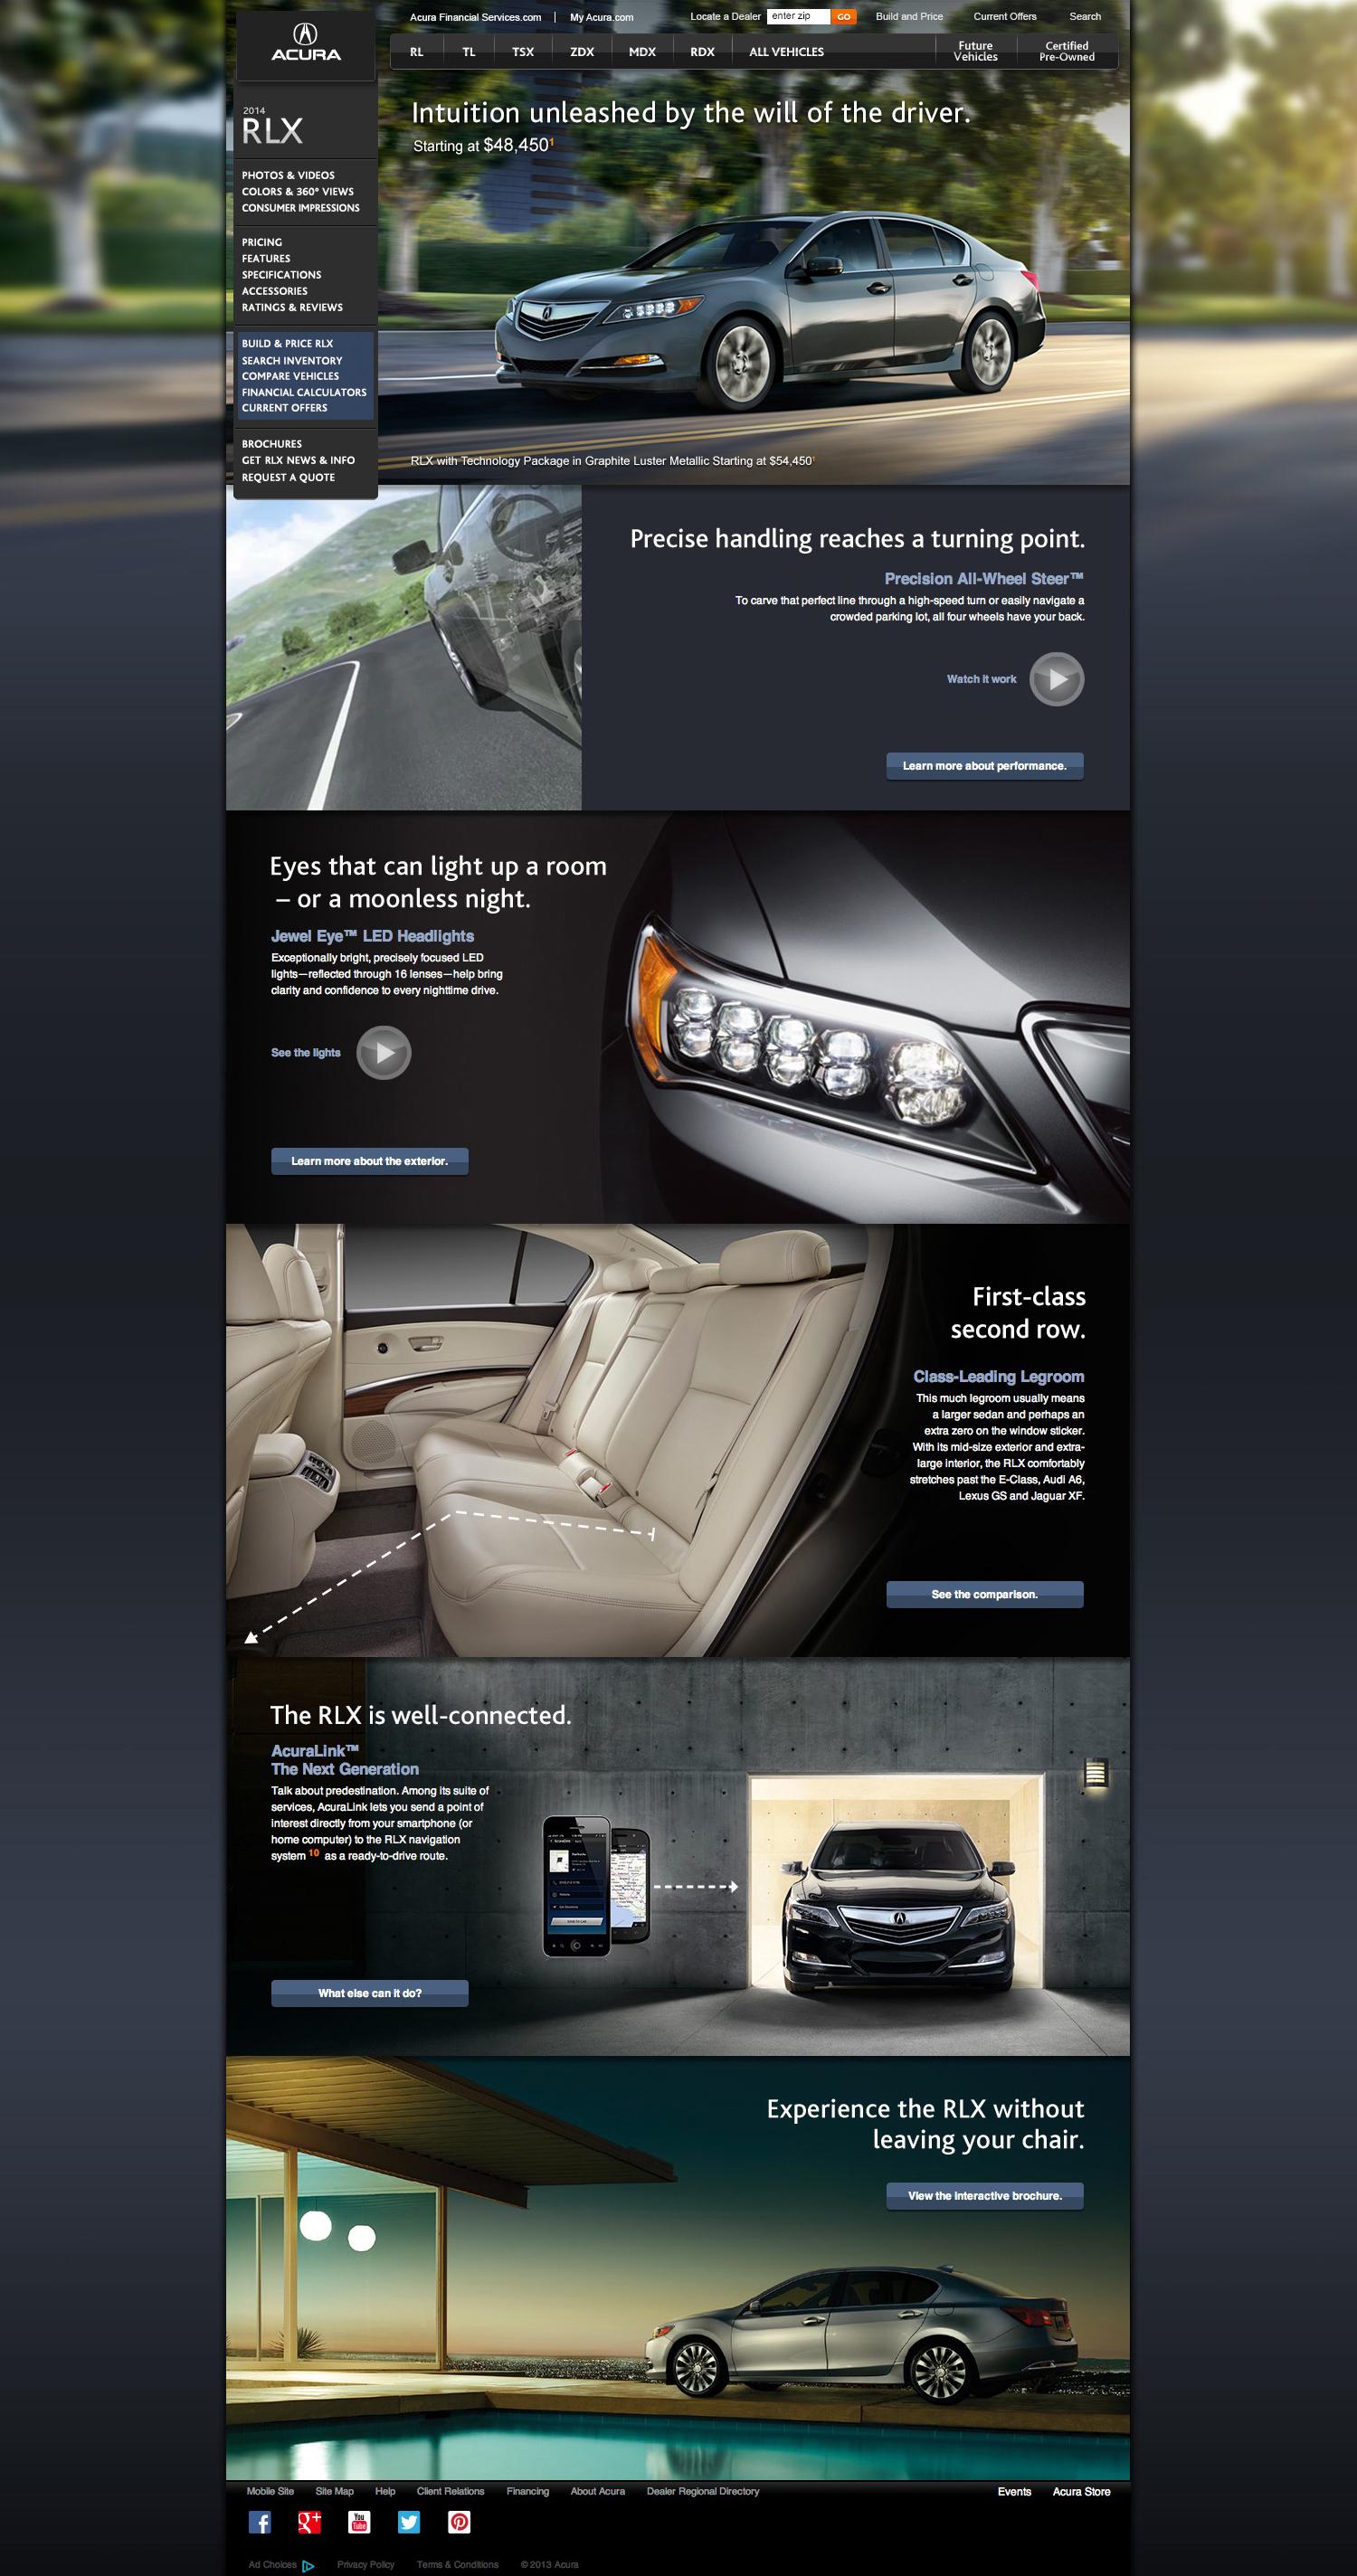 131113_Acura.com_RLX_Screen_Caps_24.0.jpg